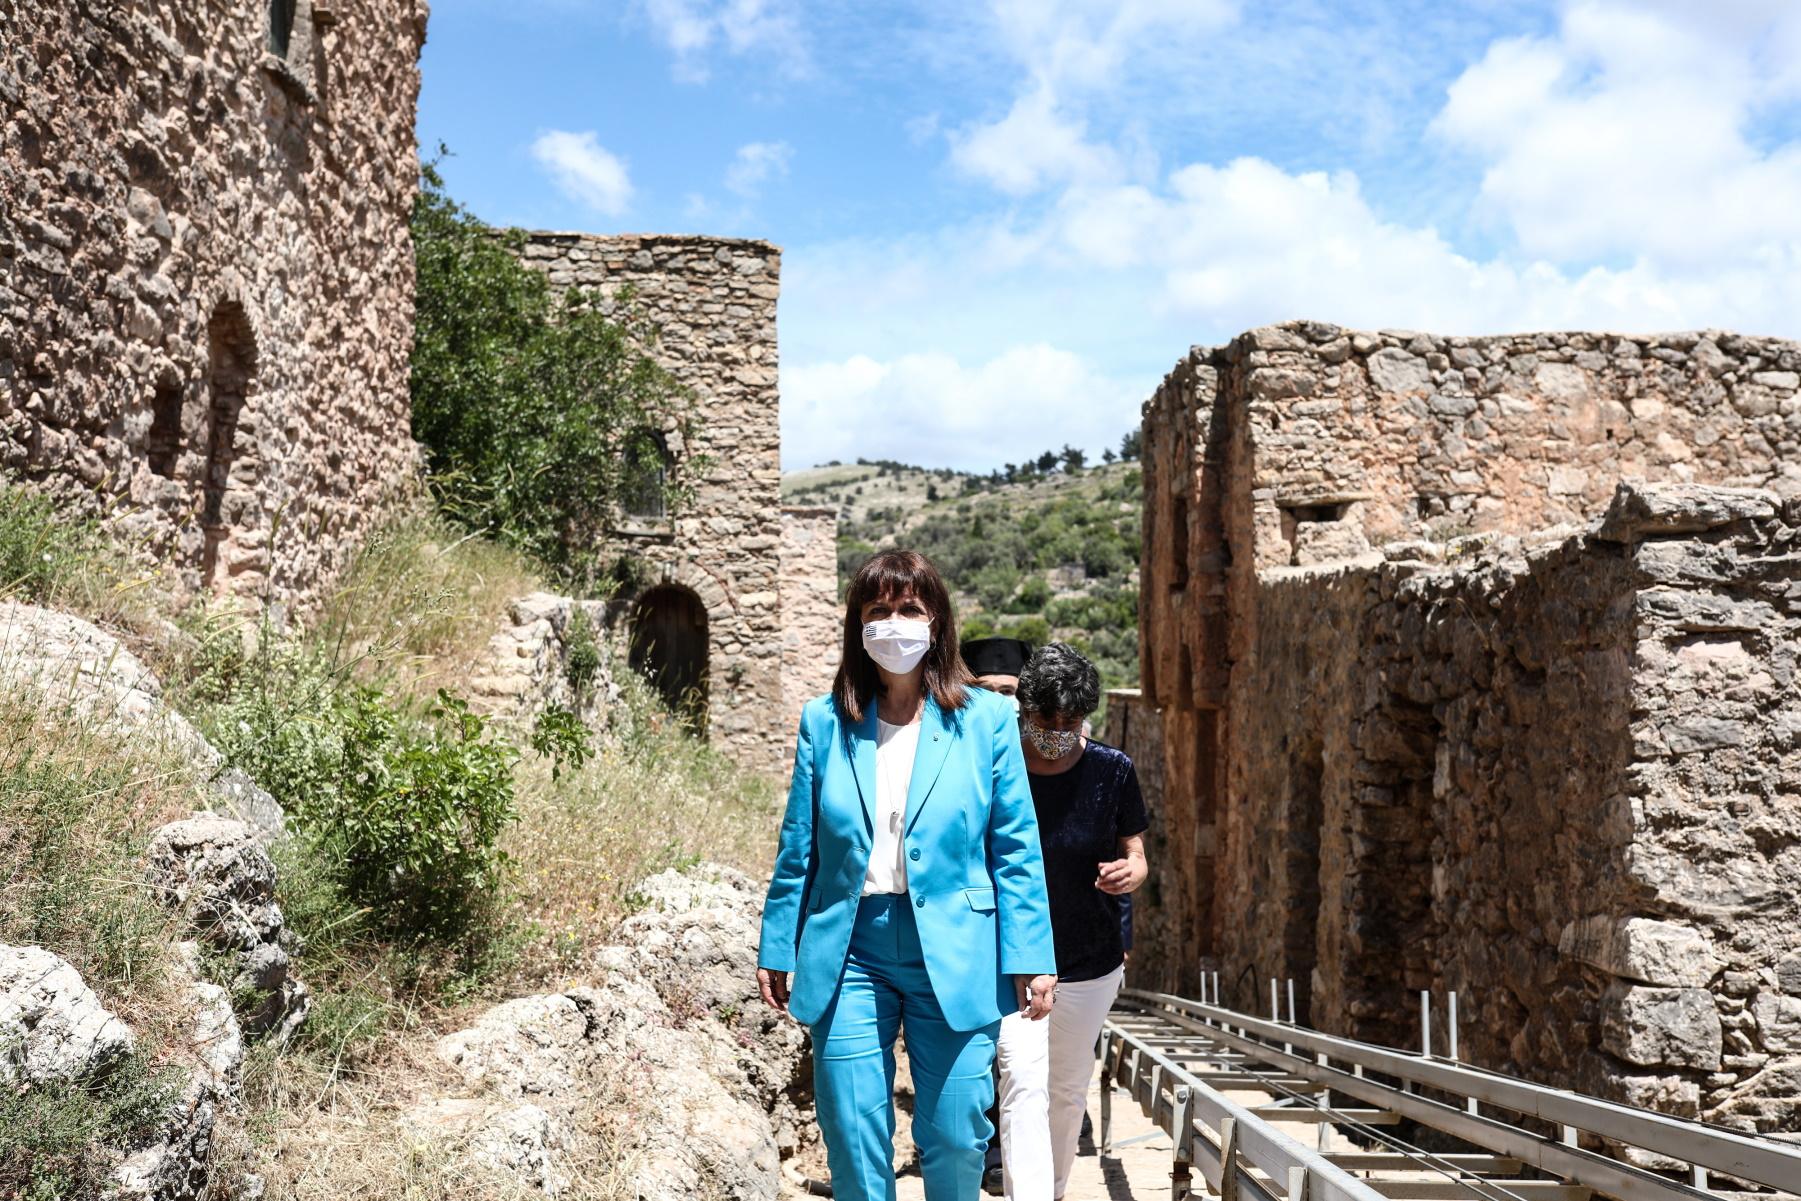 Σακελλαροπούλου – Χίος: 200 χρόνια μετά η Σφαγή εξακολουθεί να μας συγκλονίζει (pics)